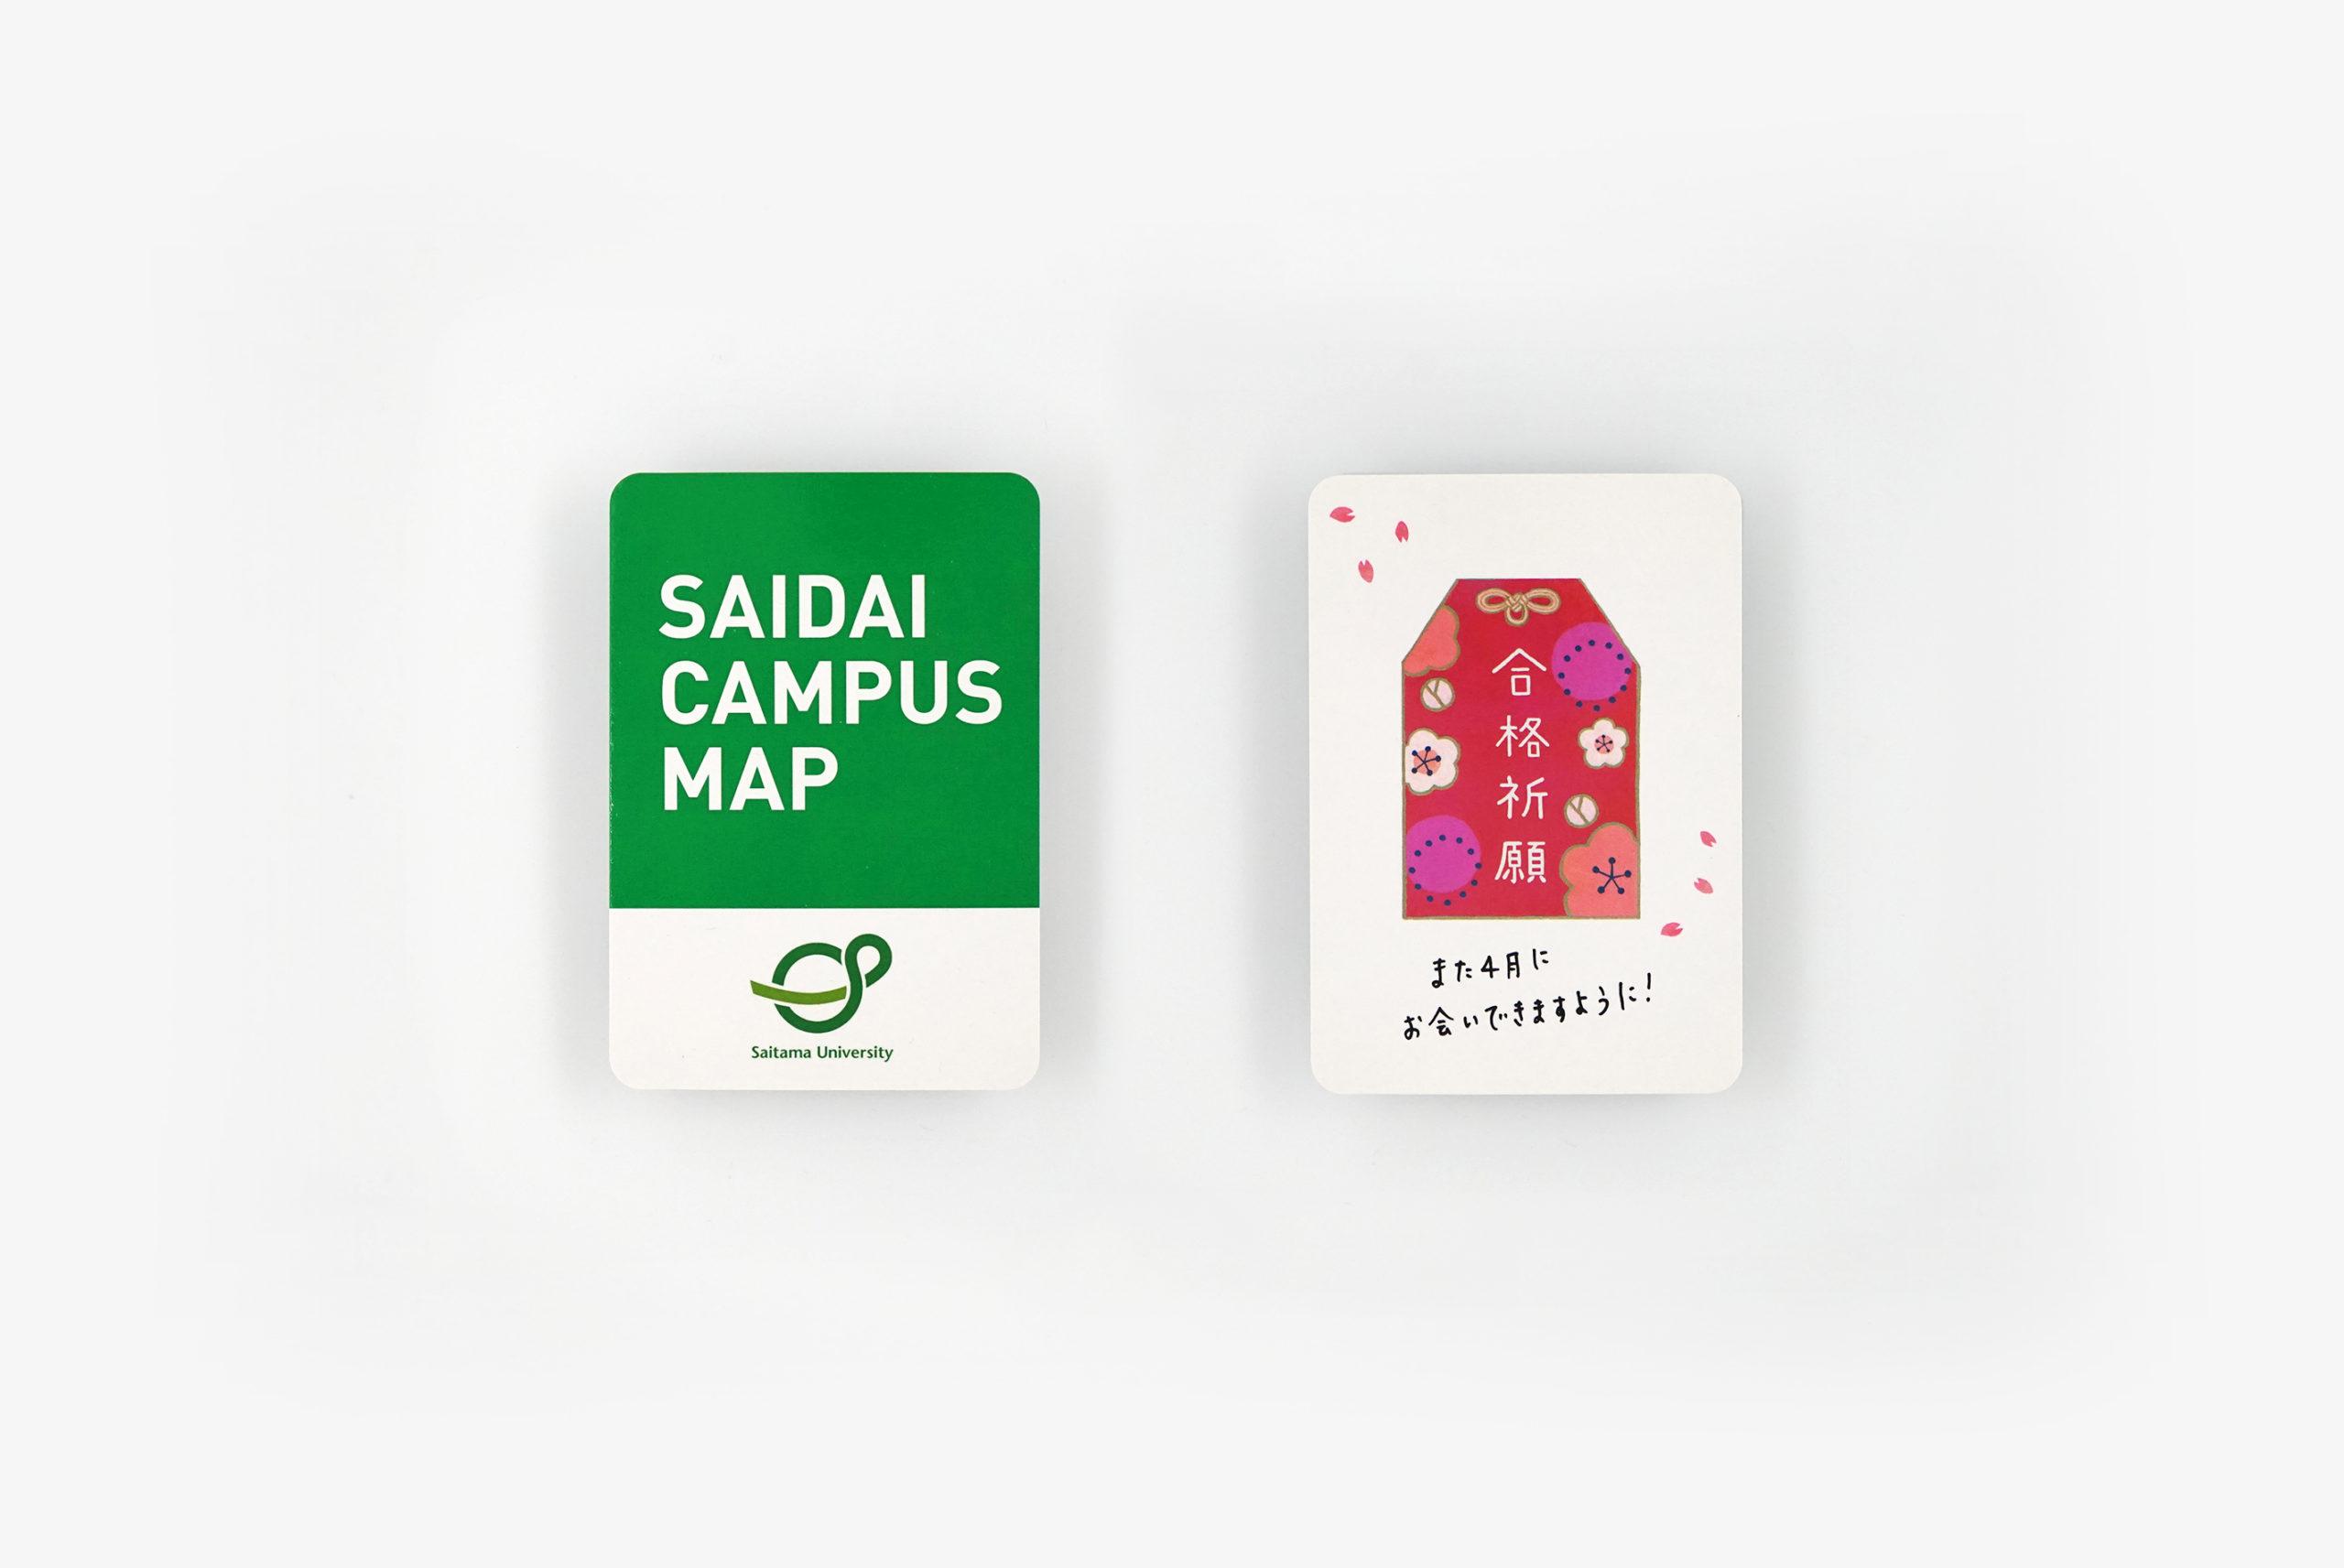 SAIDAI CAMPUS MAP